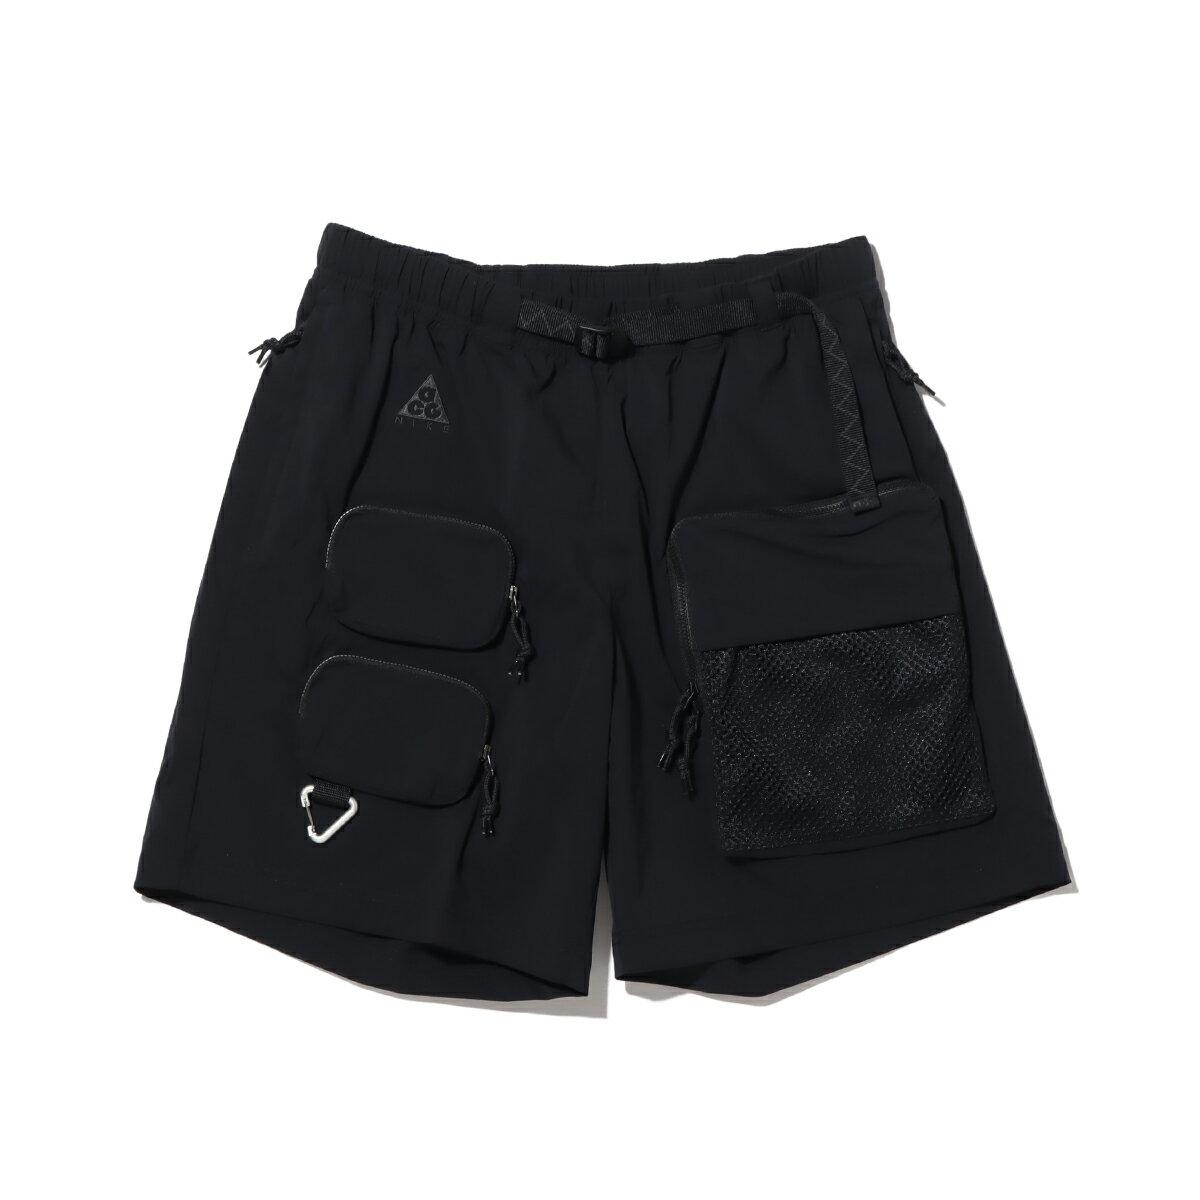 メンズファッション, ズボン・パンツ NIKE AS M NRG ACG CARGO SHORT( NRG ACG )BLACKDARK BEETROOT 20FA-I